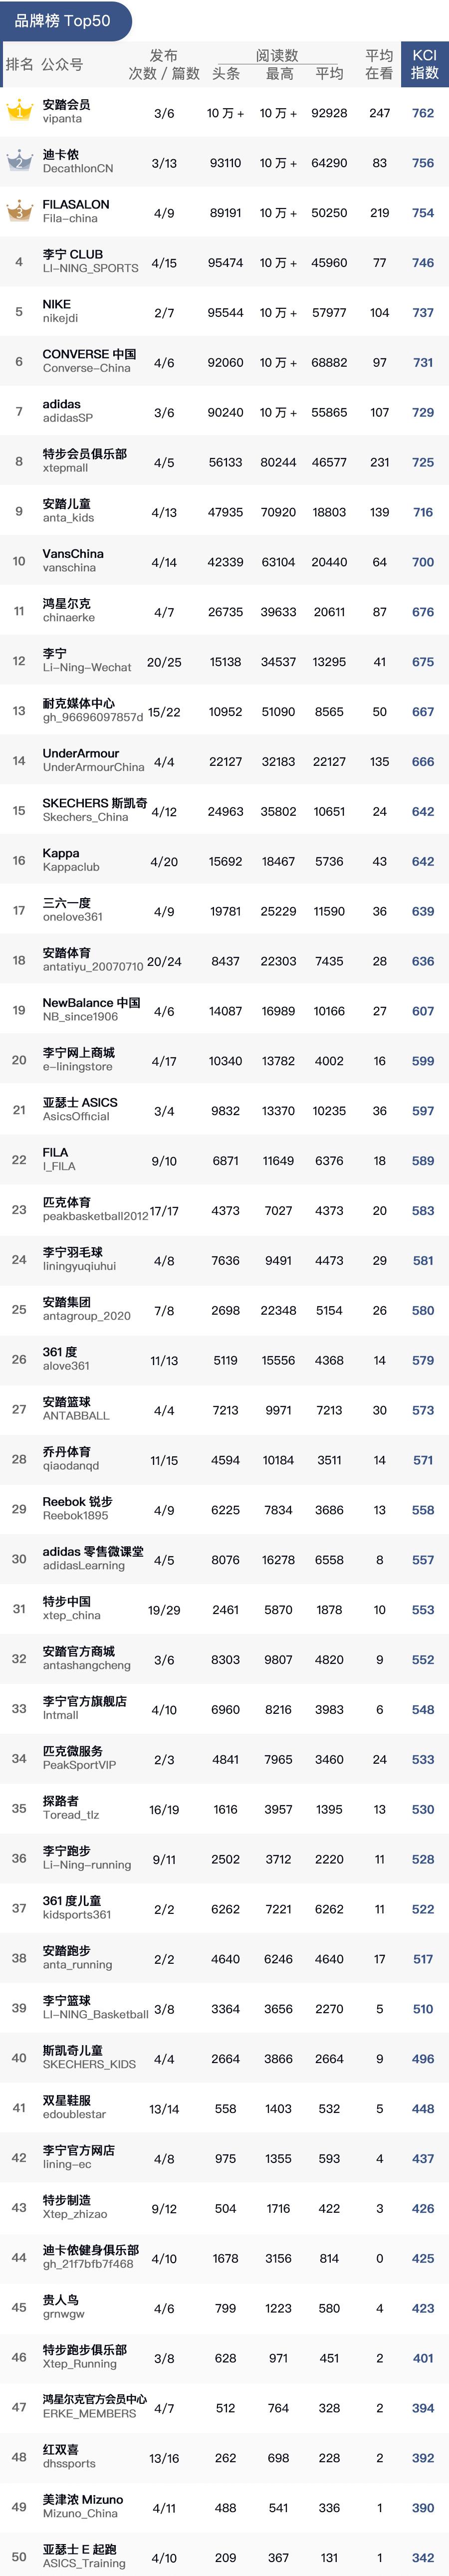 运动品牌8月KCI指数排行榜公布:国产品牌保持强势,阿迪达斯掉出前五